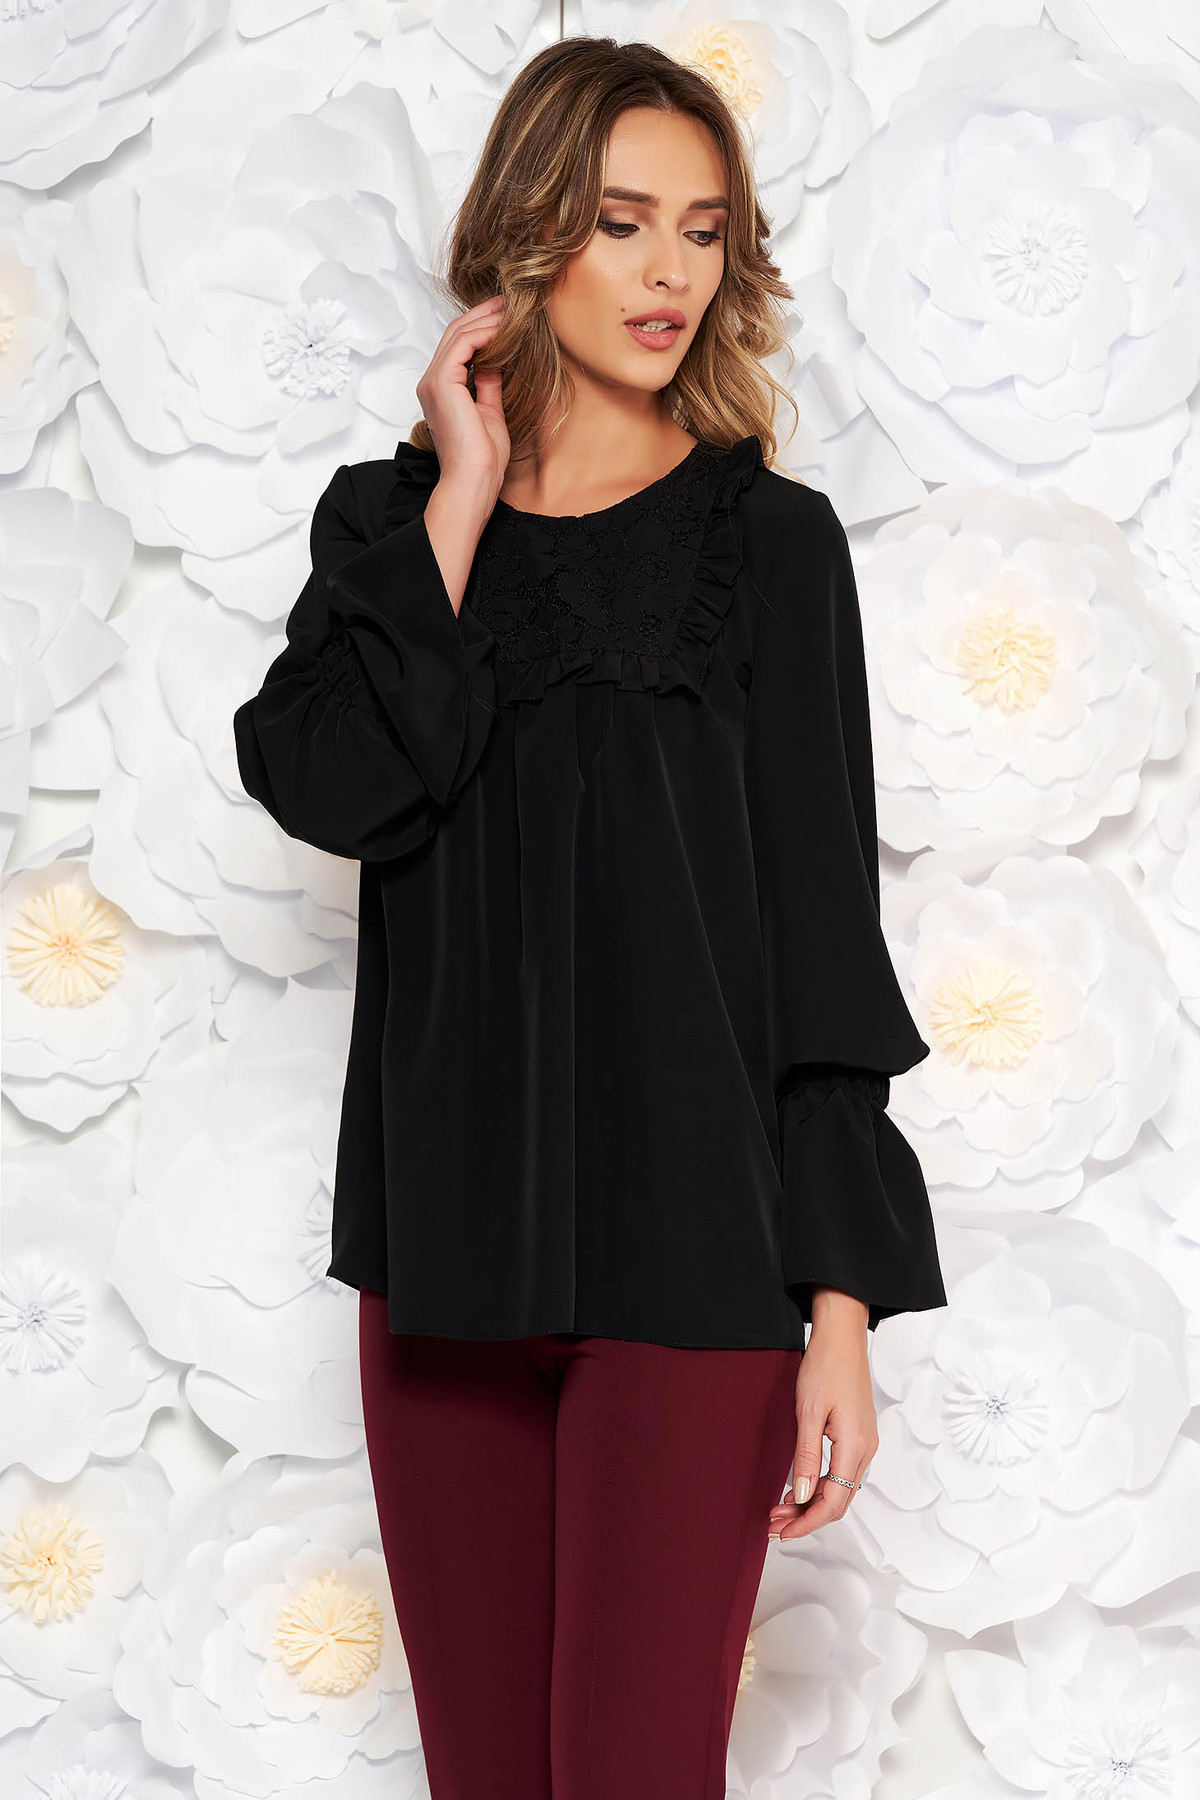 Bluza dama LaDonna neagra cu maneci clopot cu croi larg eleganta cu croi larg cu maneci clopot guler cu volanase din dantela